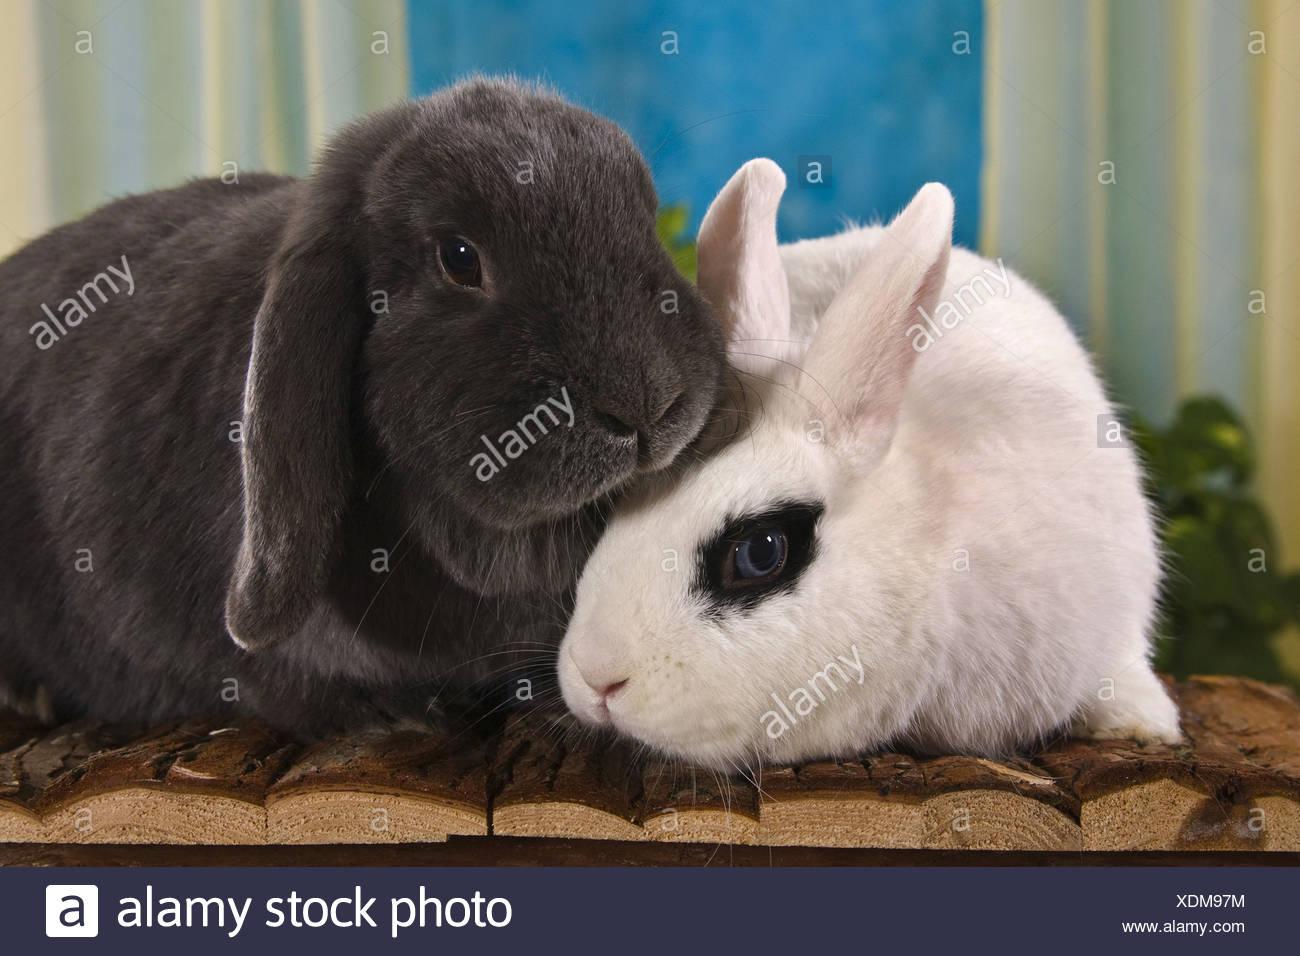 dwarf rabbit (Oryctolagus cuniculus f. domestica) aa8856f39